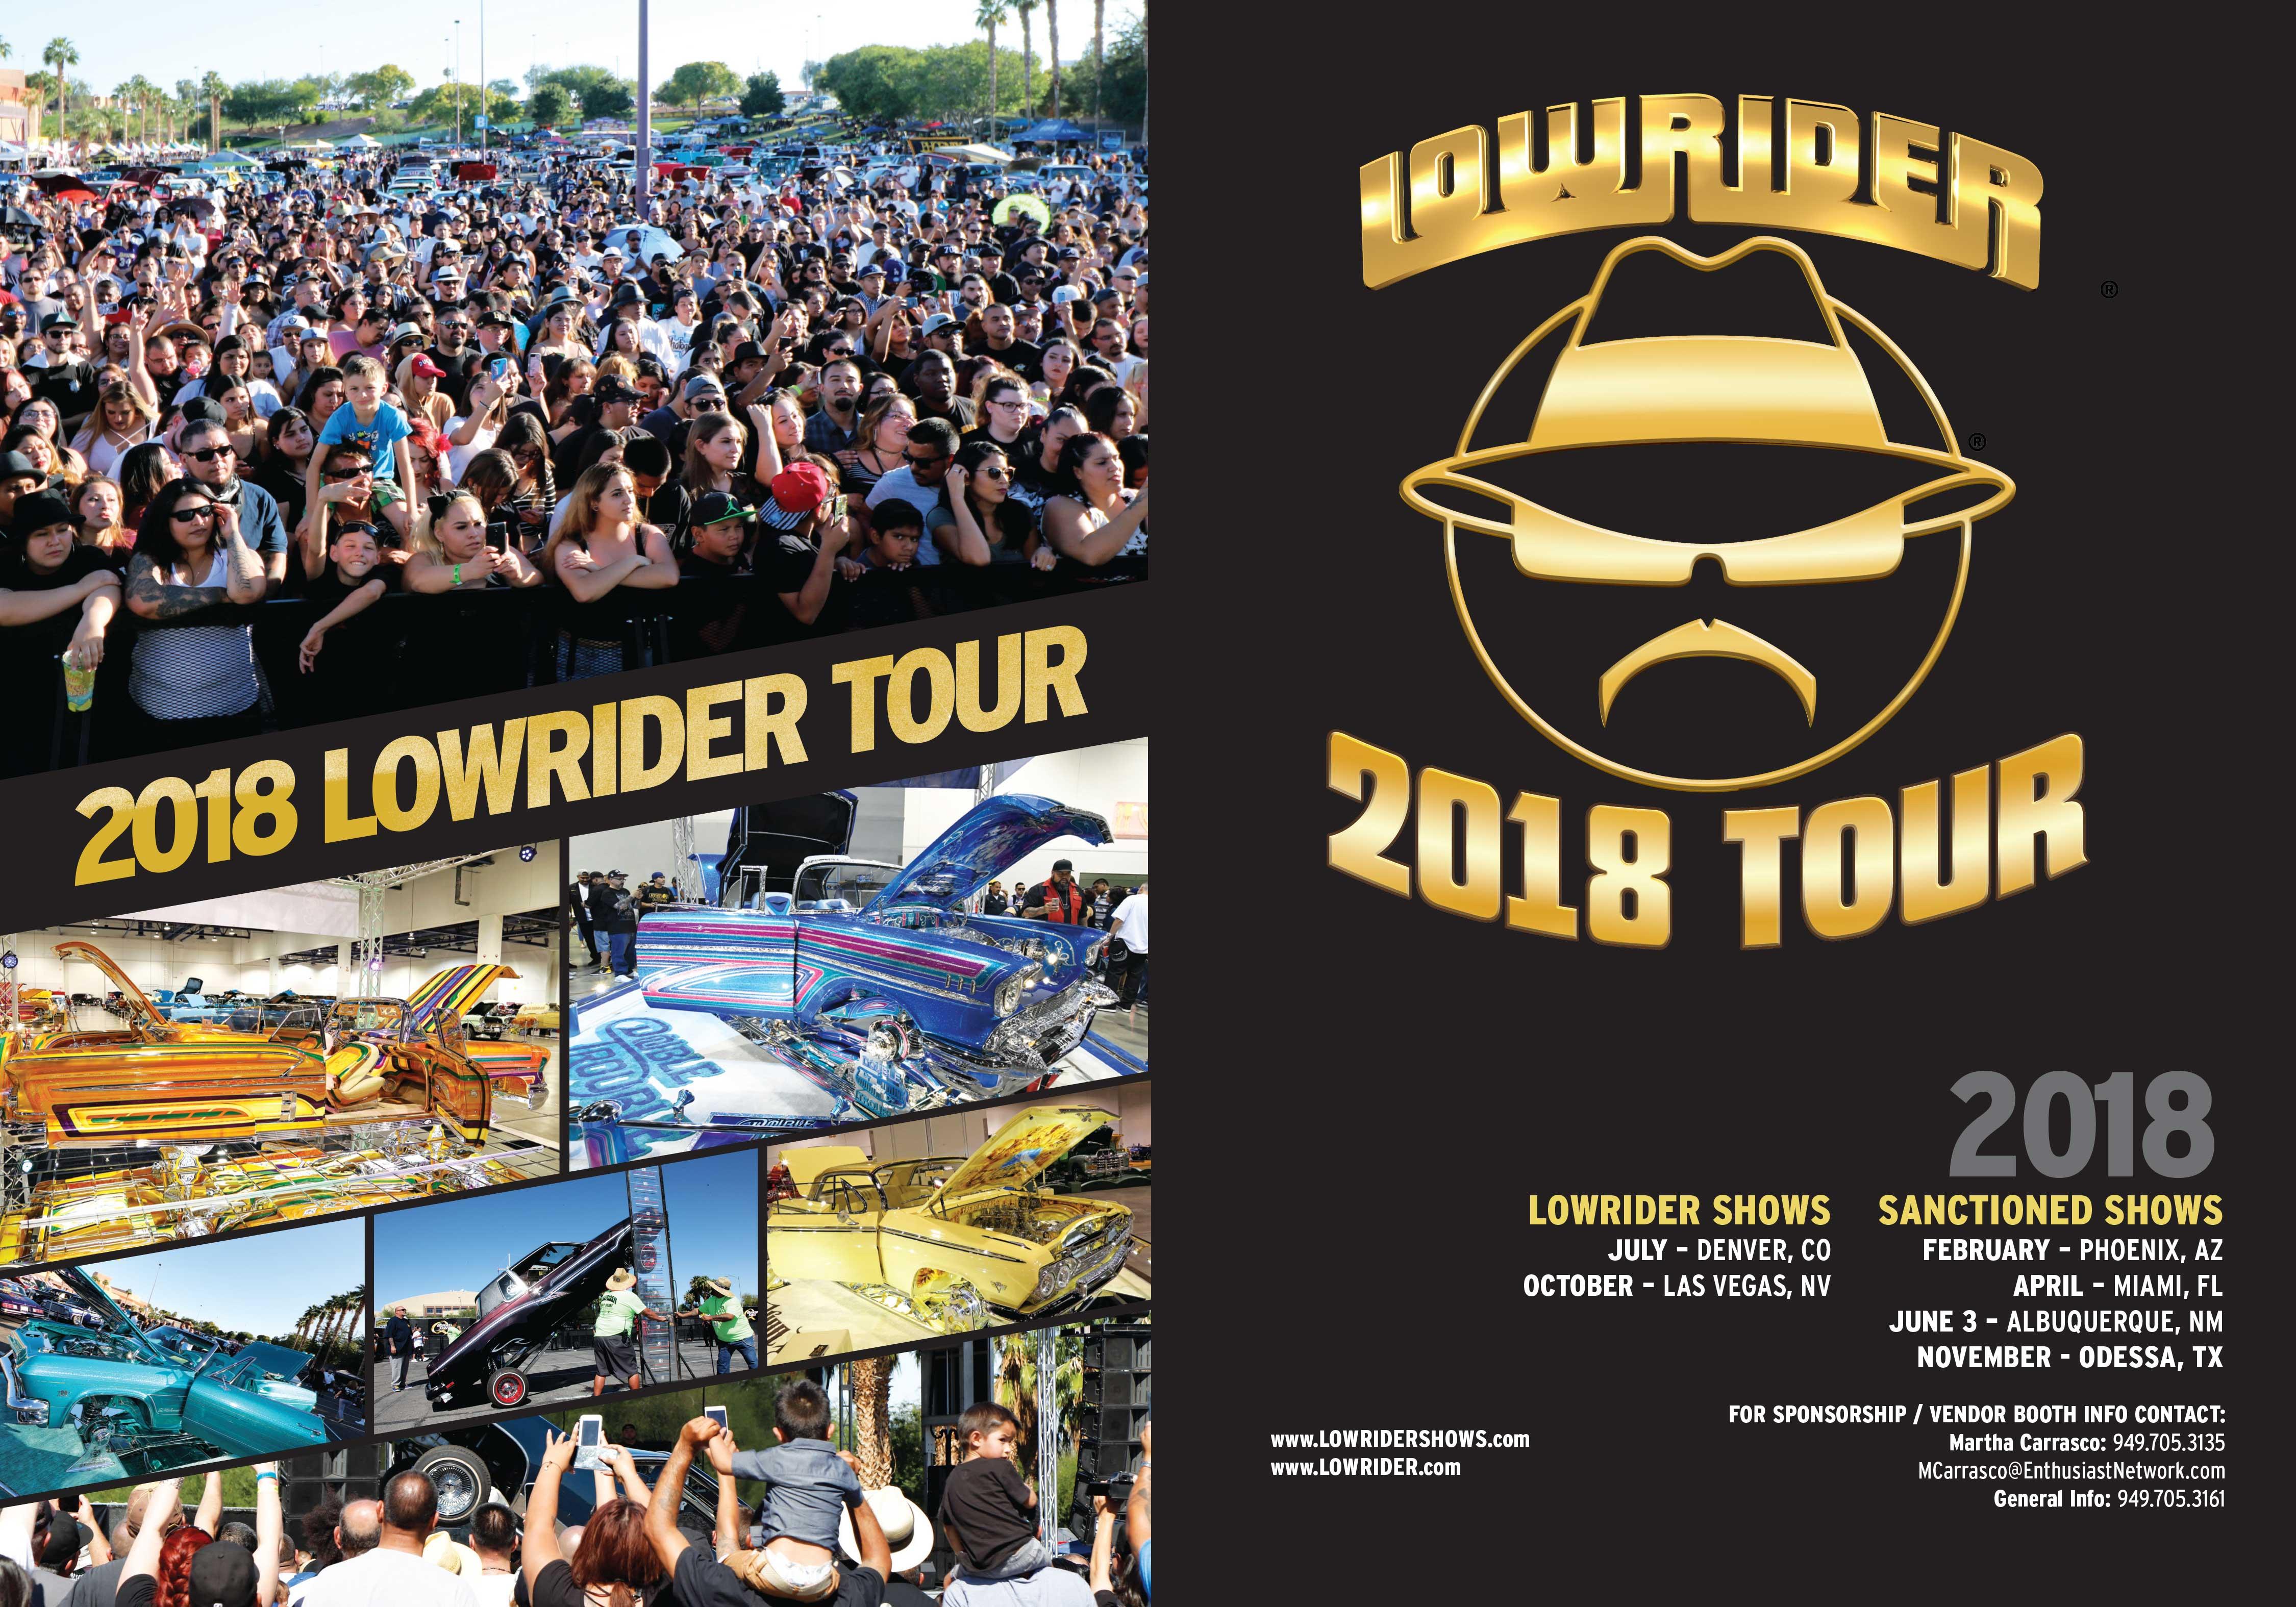 2019 Lowrider Tour Schedule Lowrider